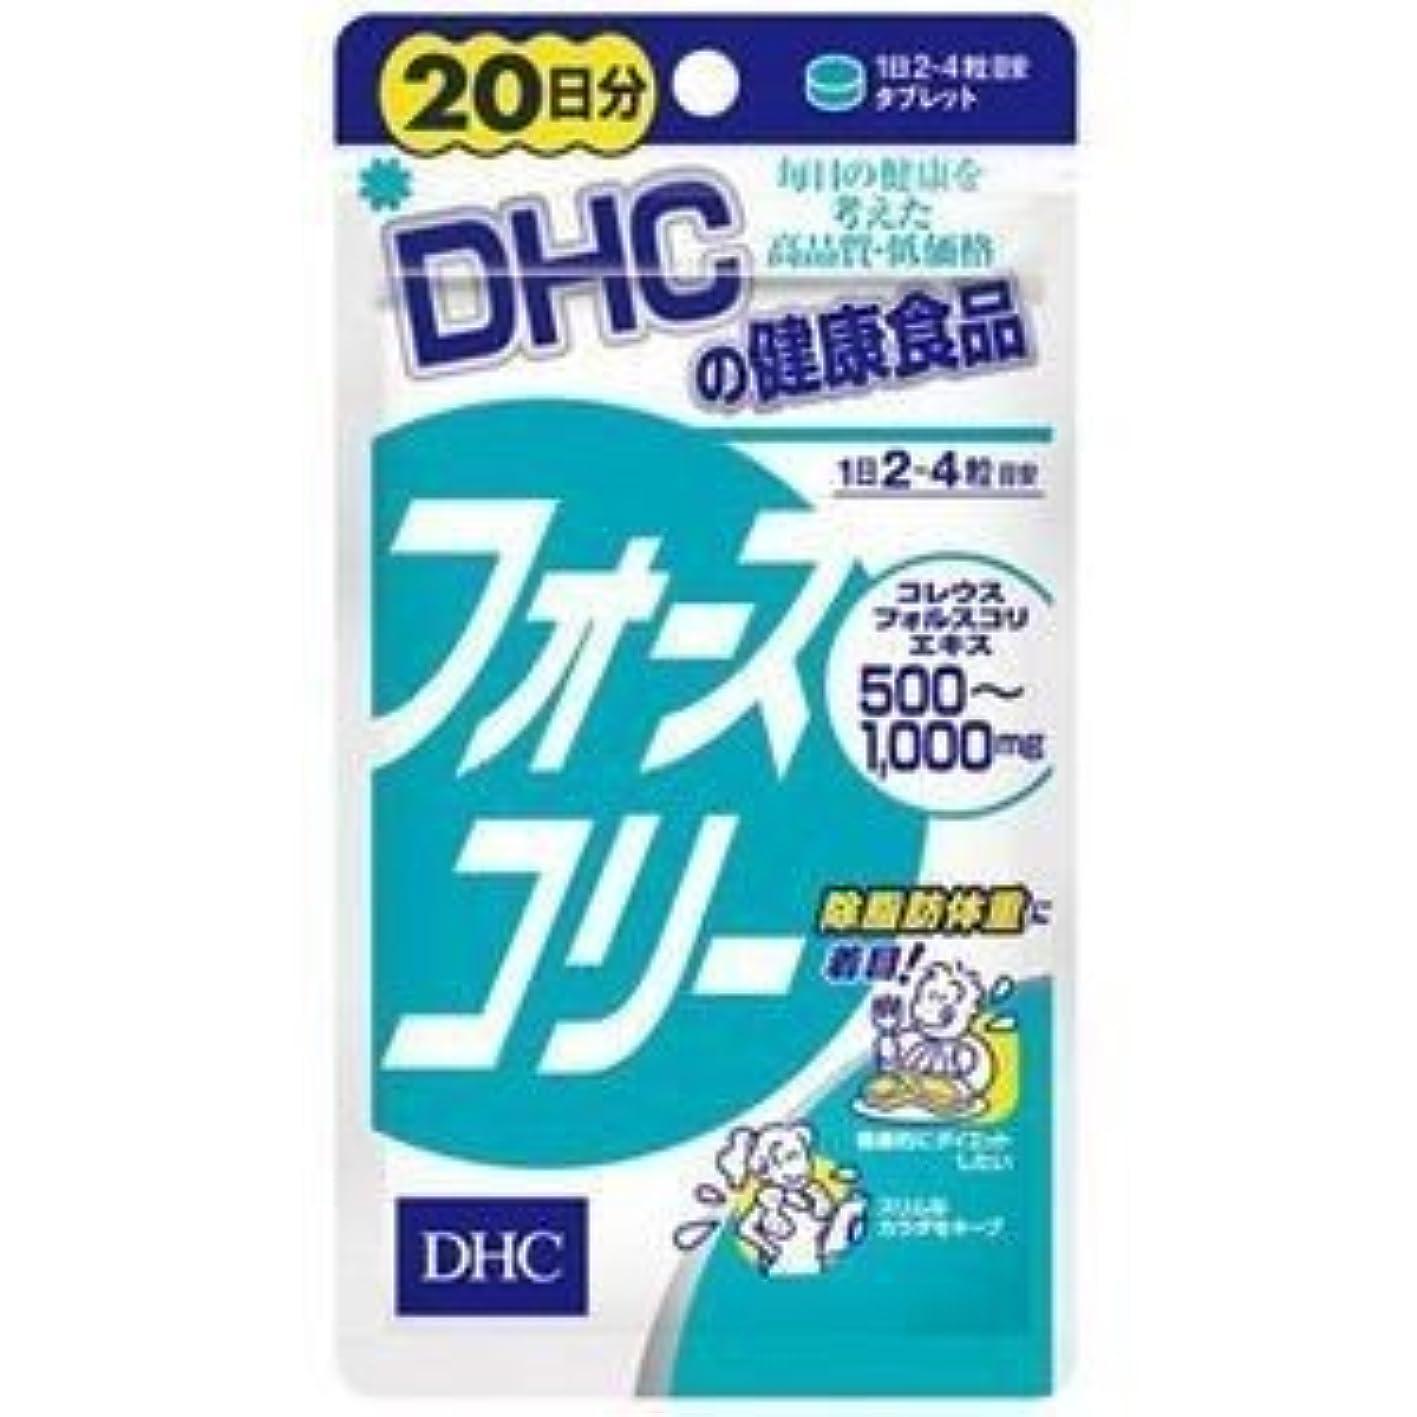 調整するさようなら階段DHC フォースコリー 20日分 80粒